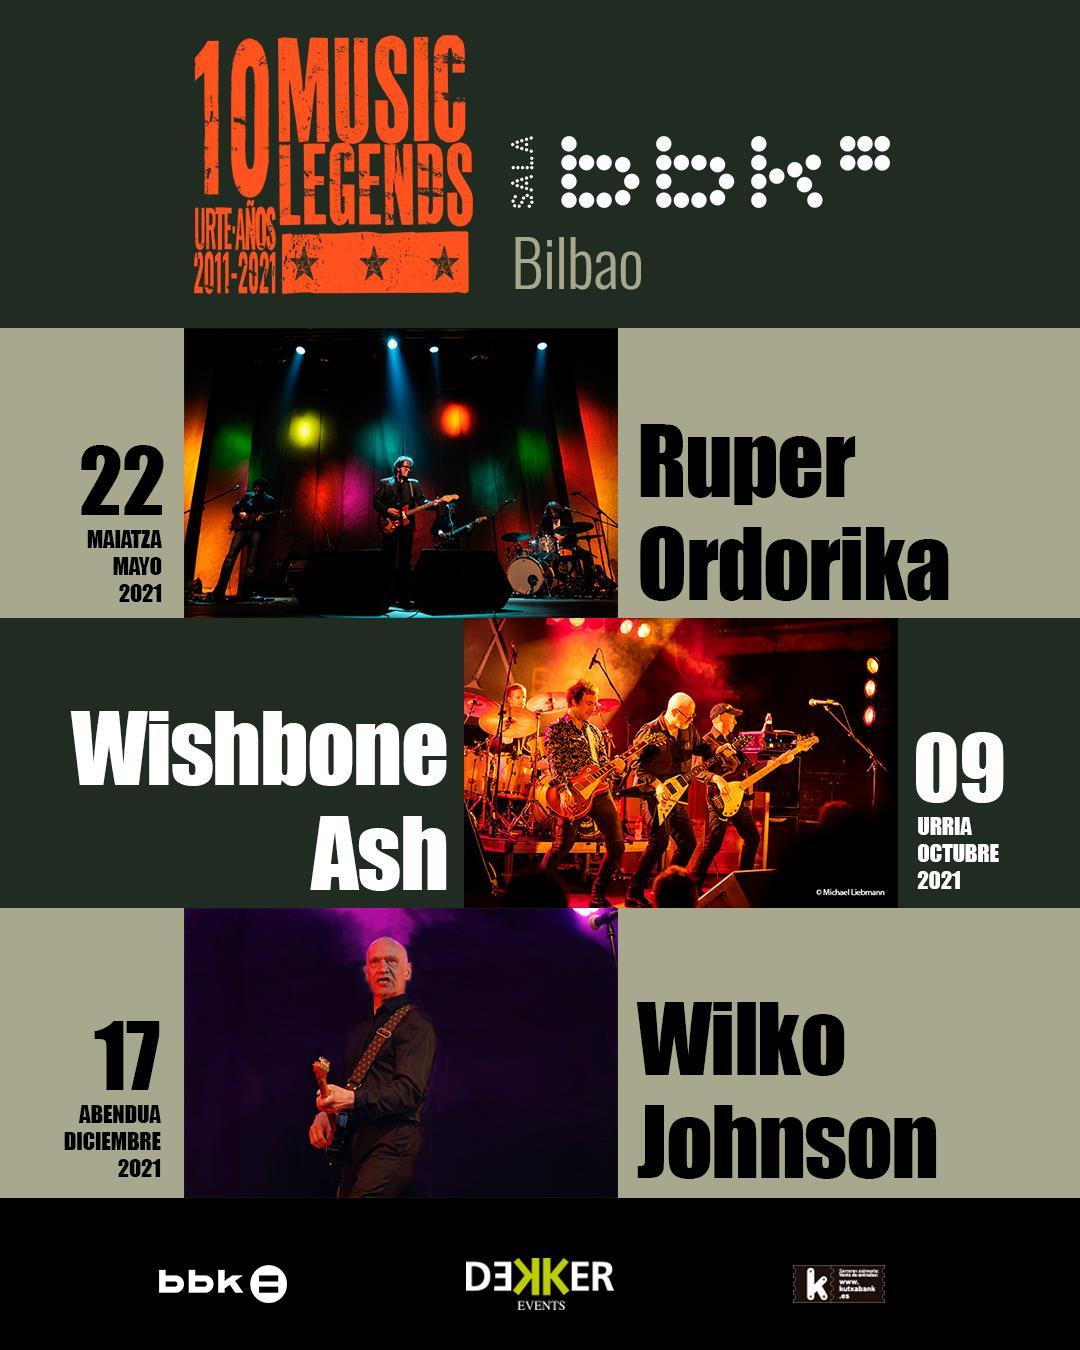 wishbone ash pic 1